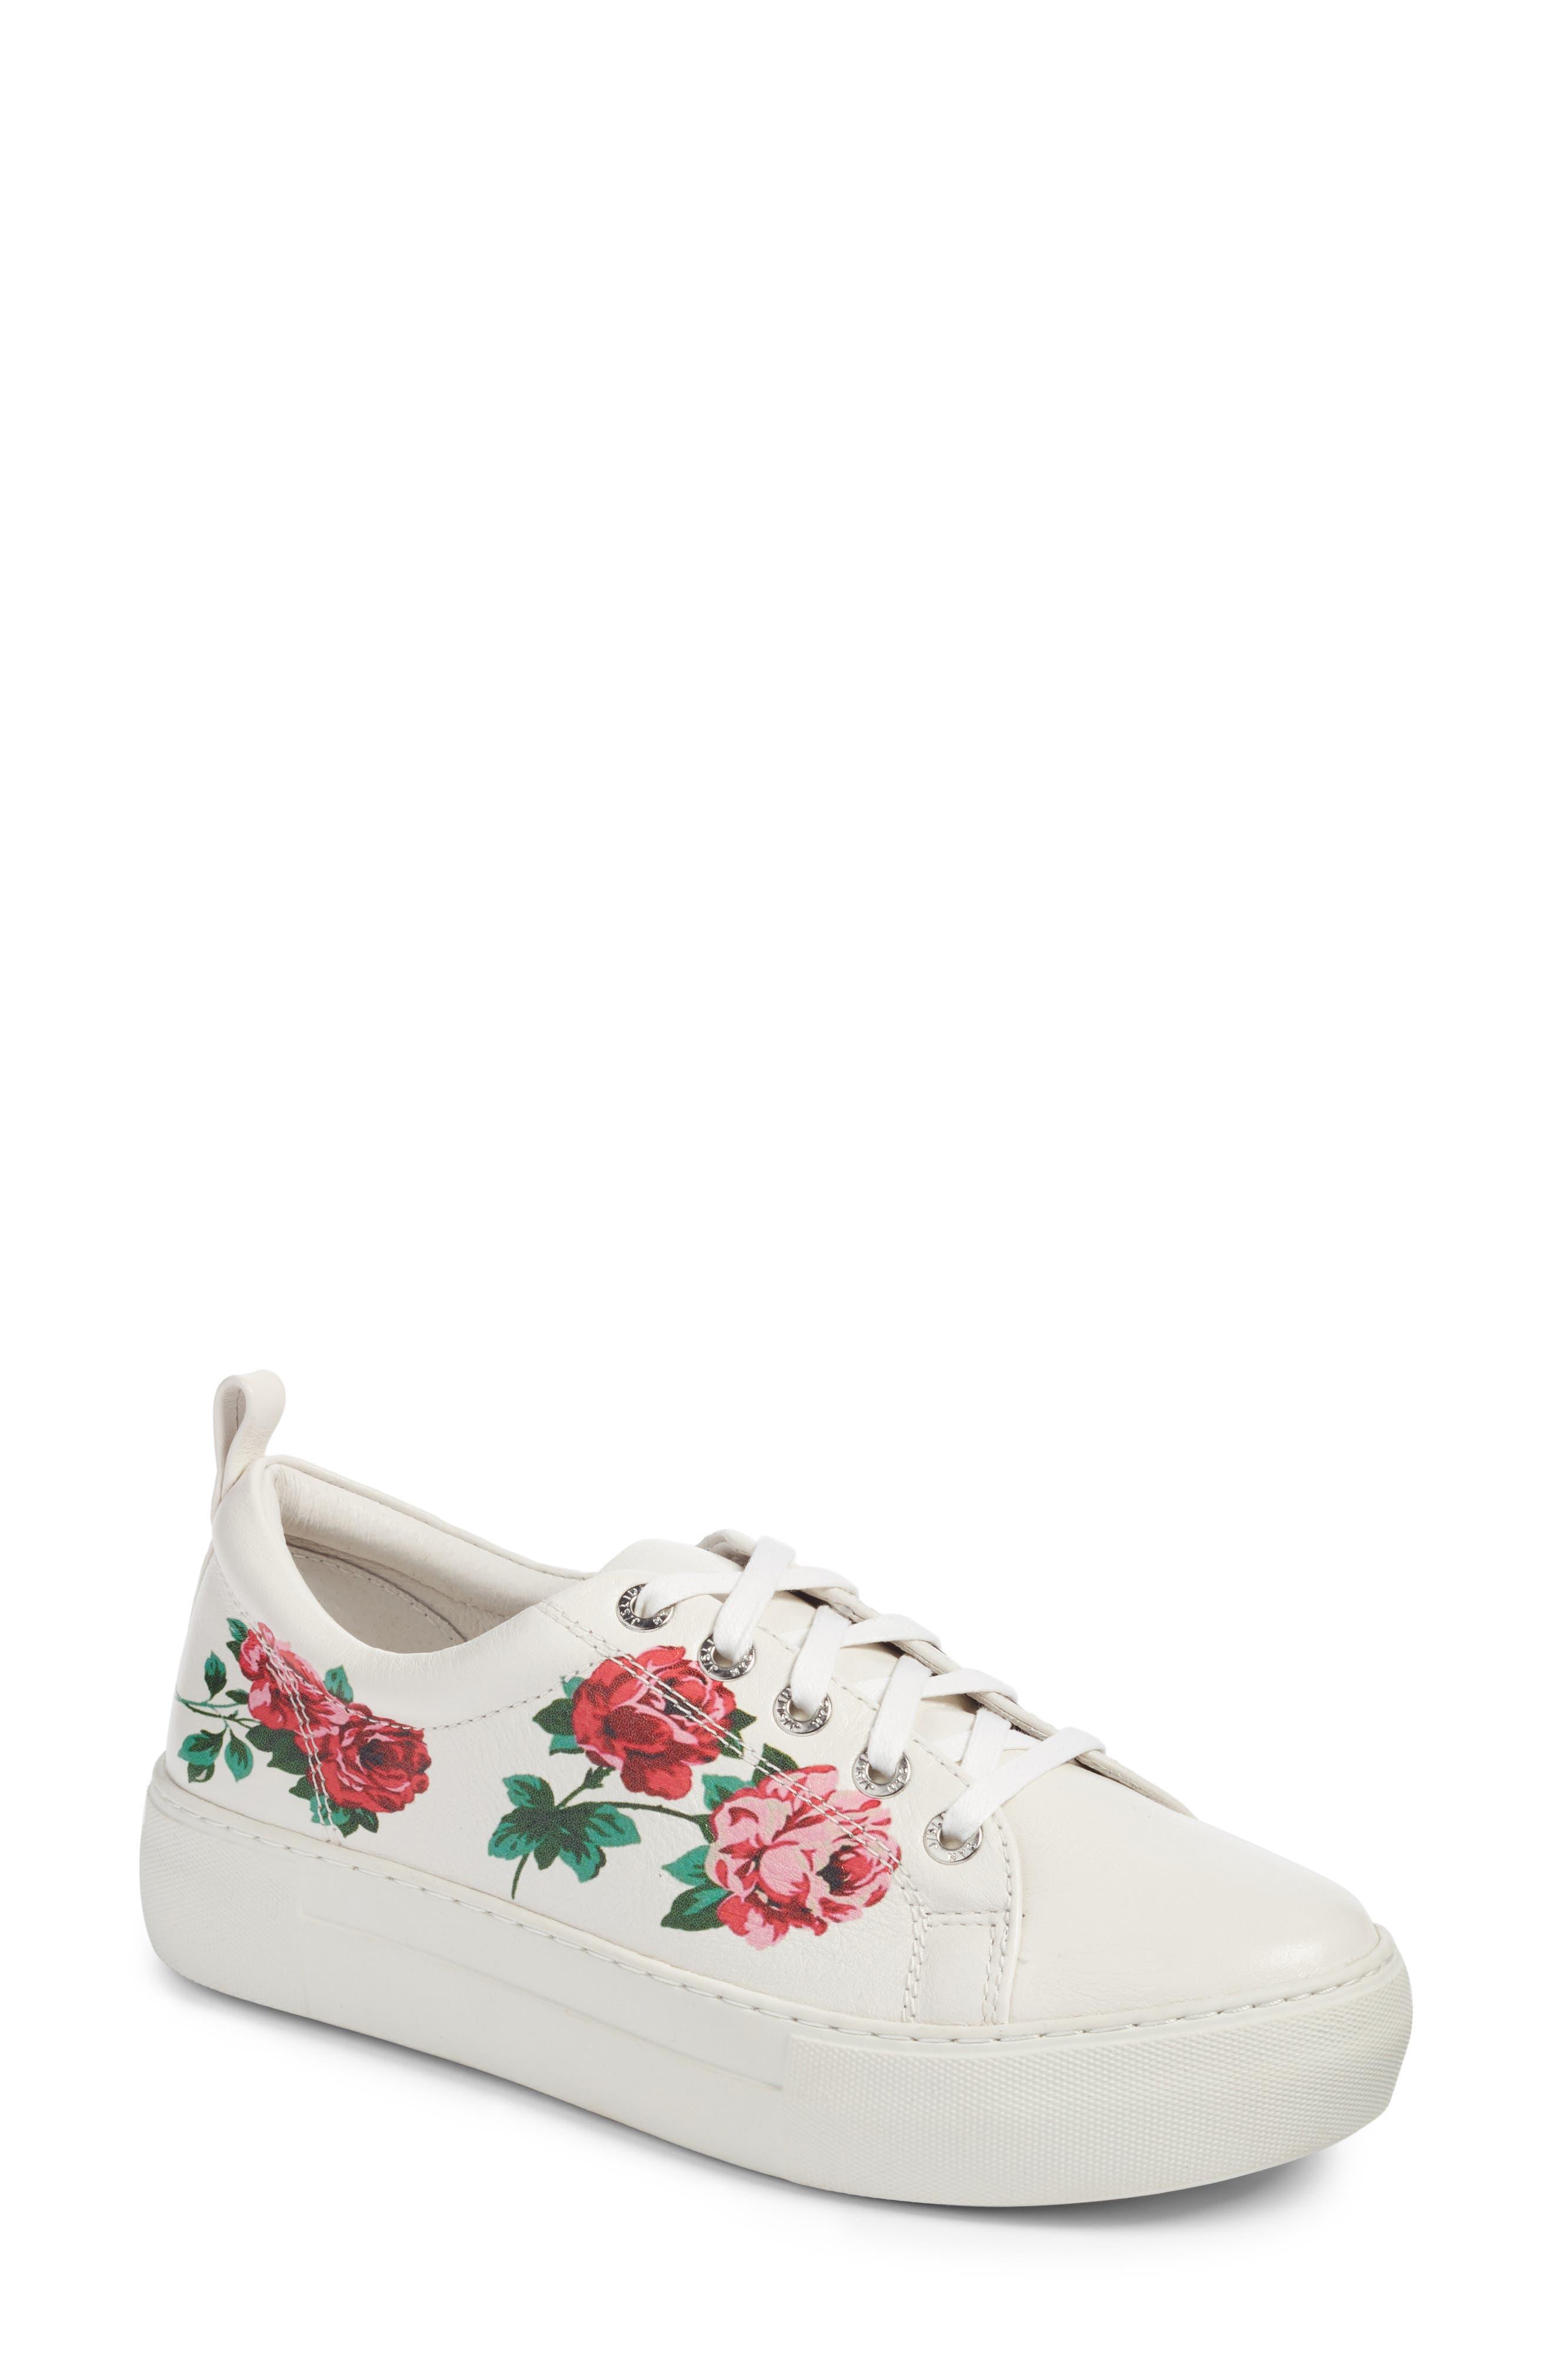 JSLIDES Women's Adel Floral Sneaker ojP8vH